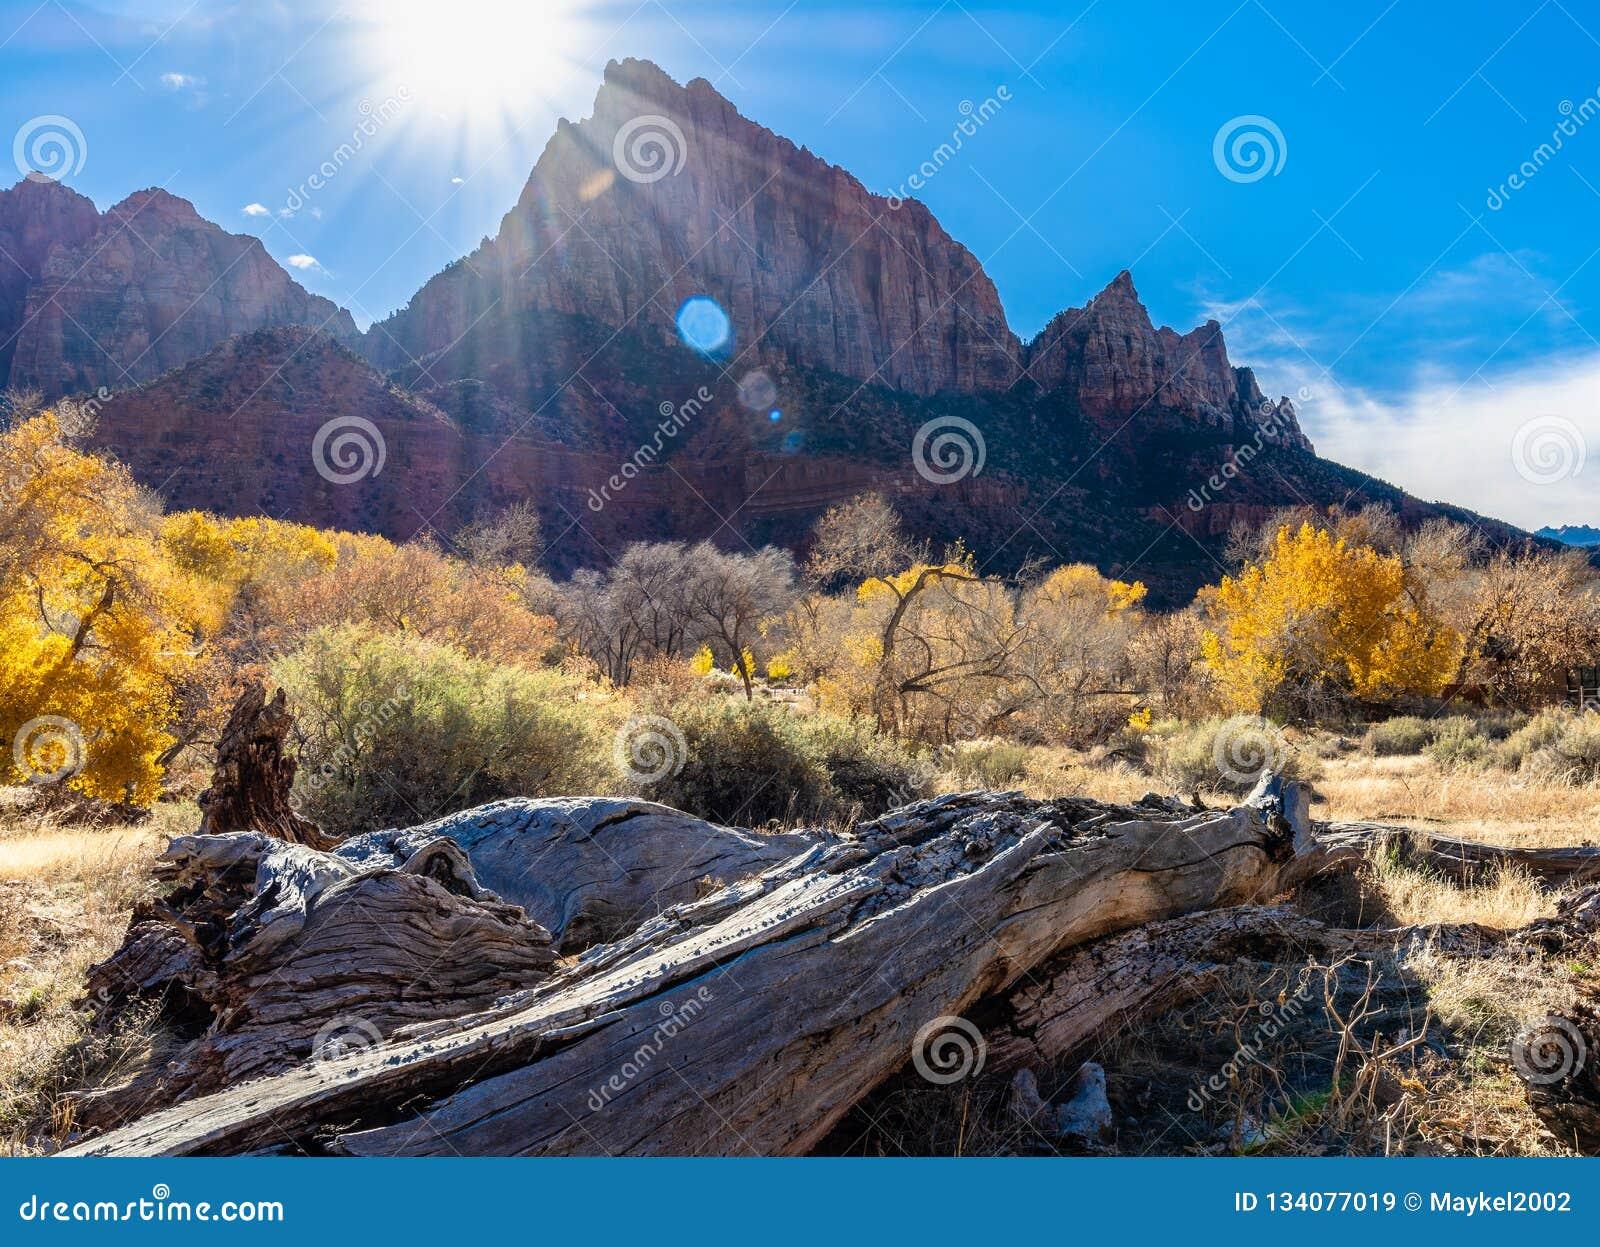 Soleil au parc national Zion